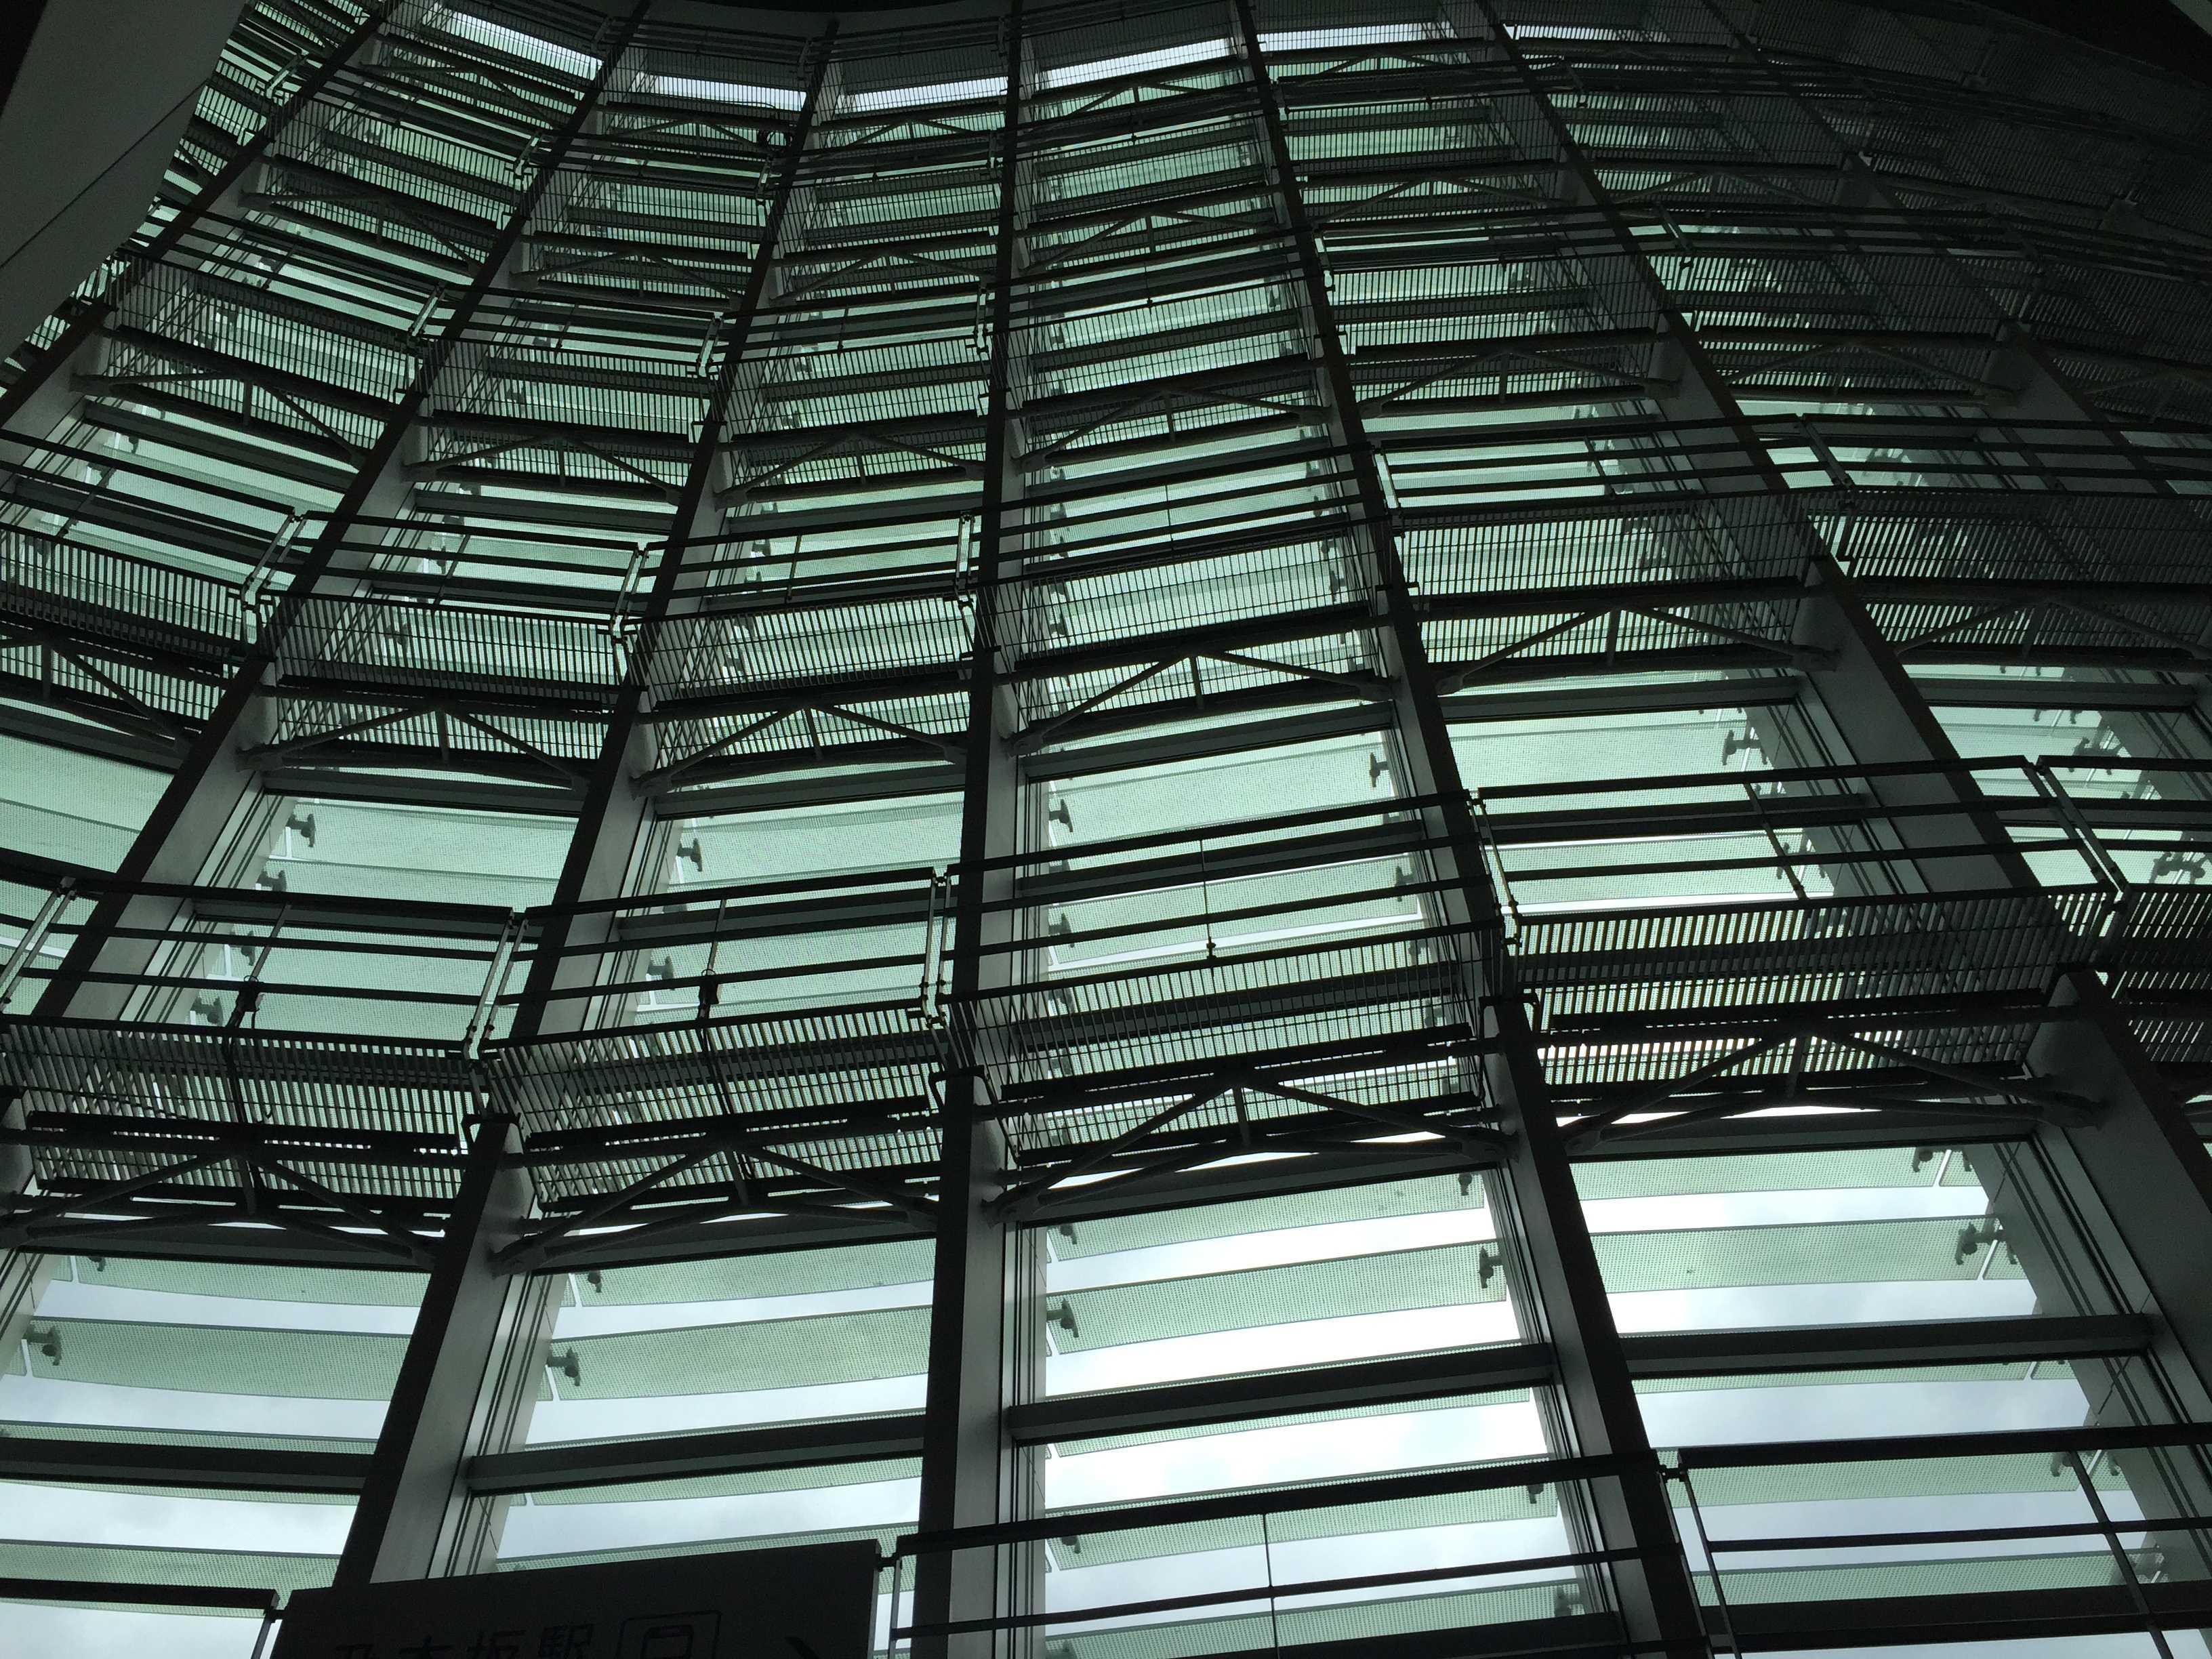 国立新美術館 ガラス - 内側から